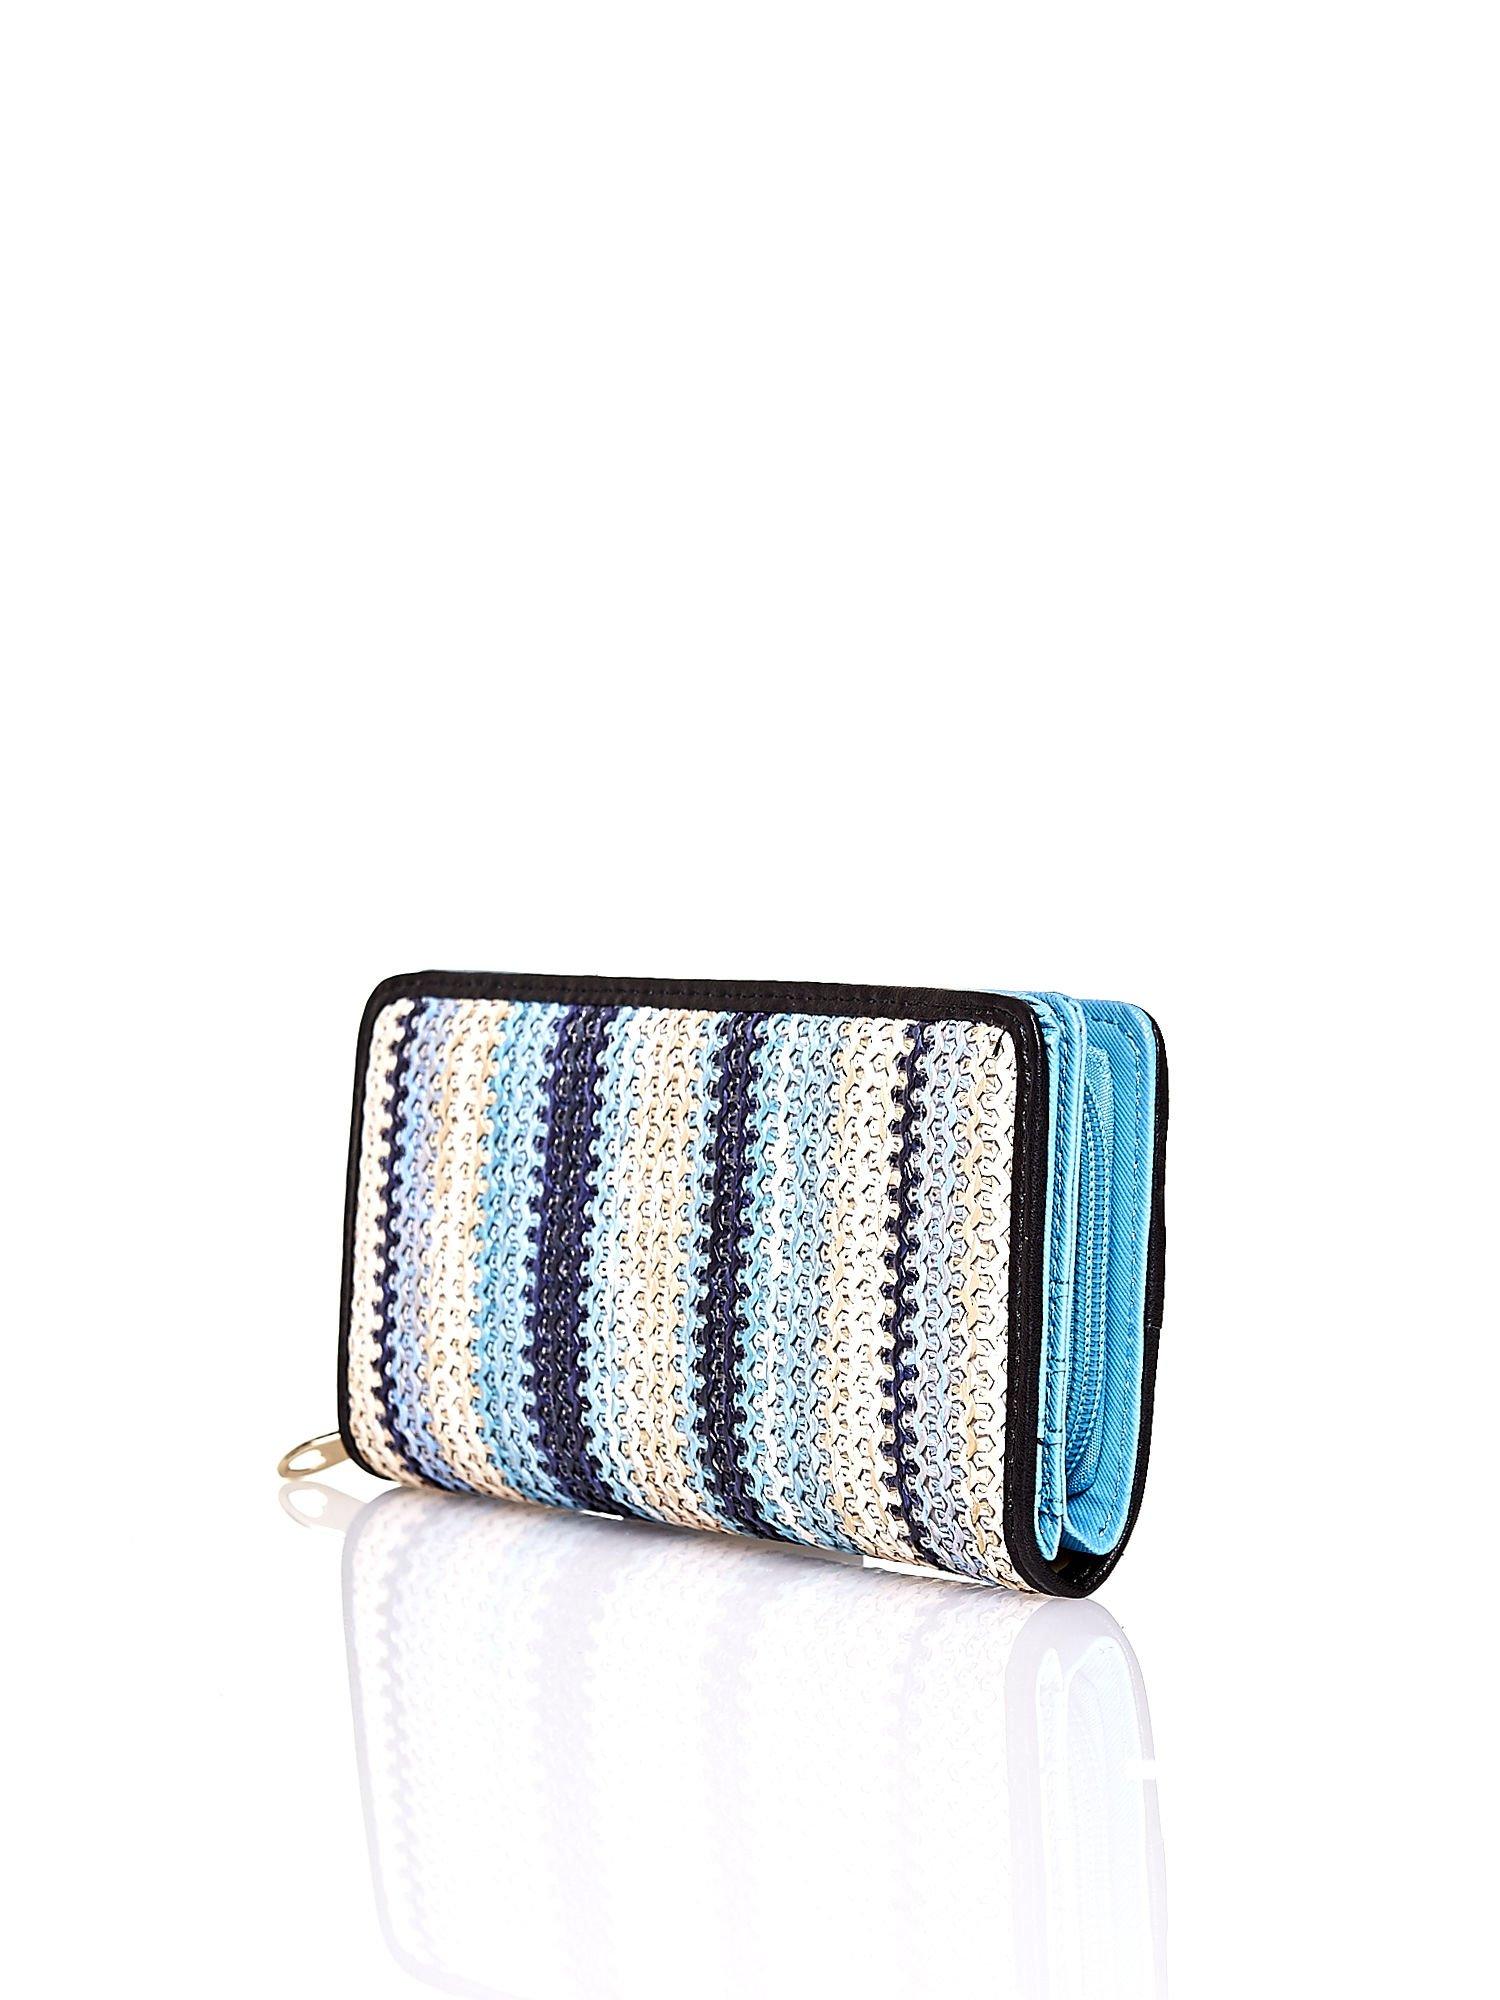 Niebieski pleciony portfel w pionowe granatowe paski                                  zdj.                                  2